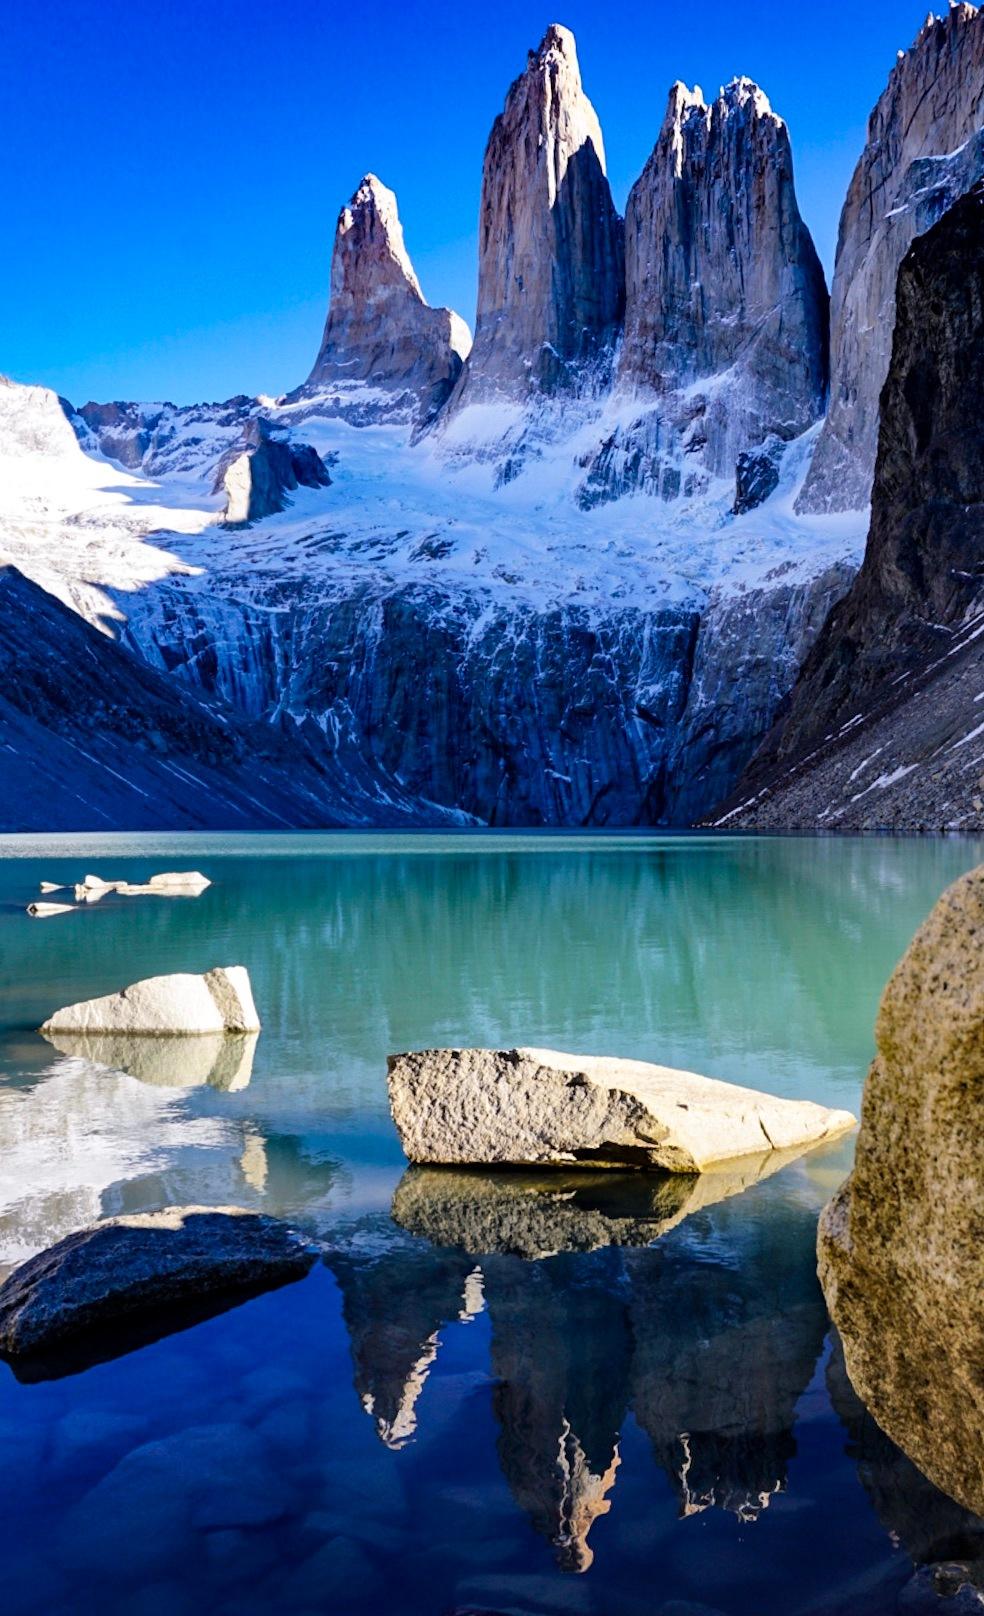 Torres del Paine by Natallia Locricchio